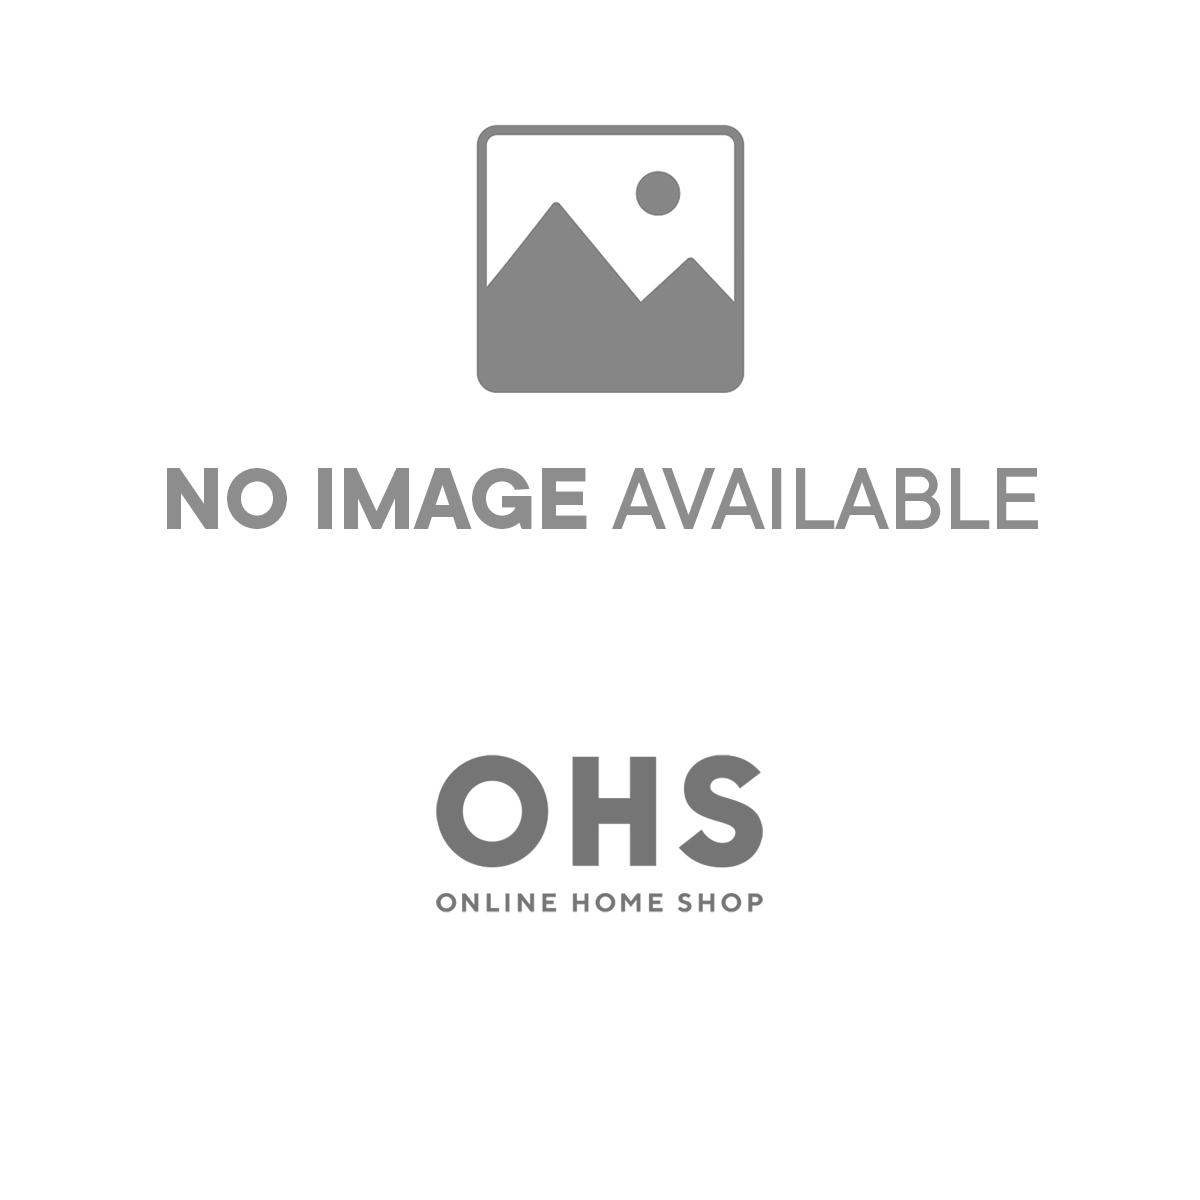 Brentfords Washed Linen Duvet Cover Set - Silver Grey